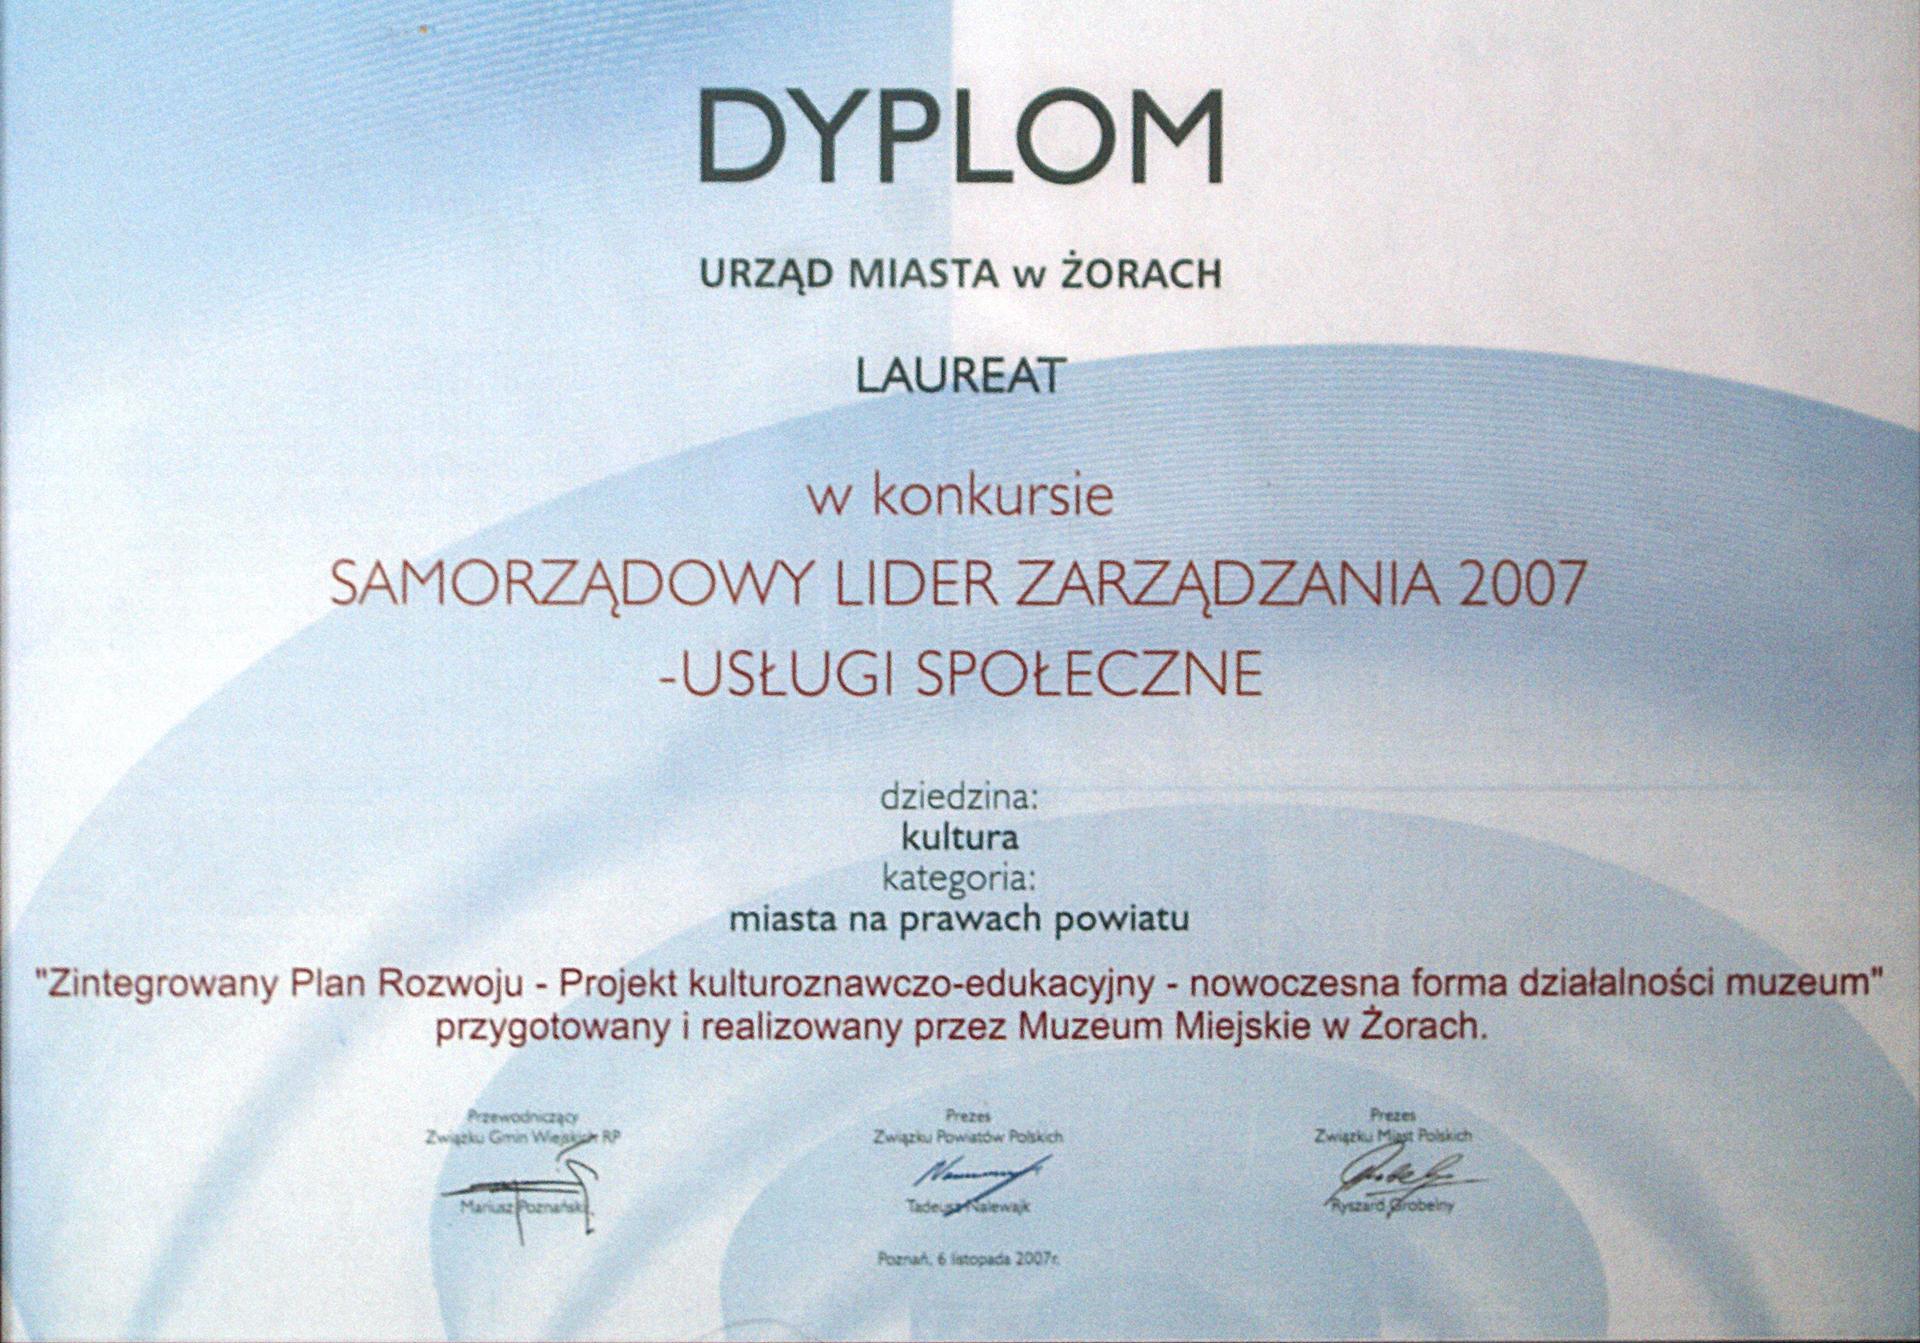 Samorządowy Lider Zarządzania 2007